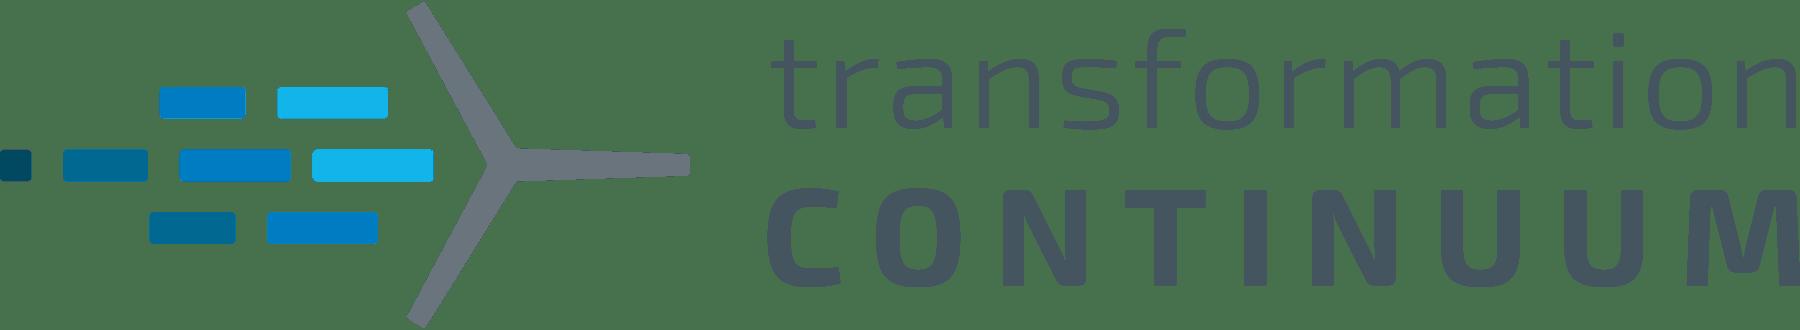 Transformation Continuum